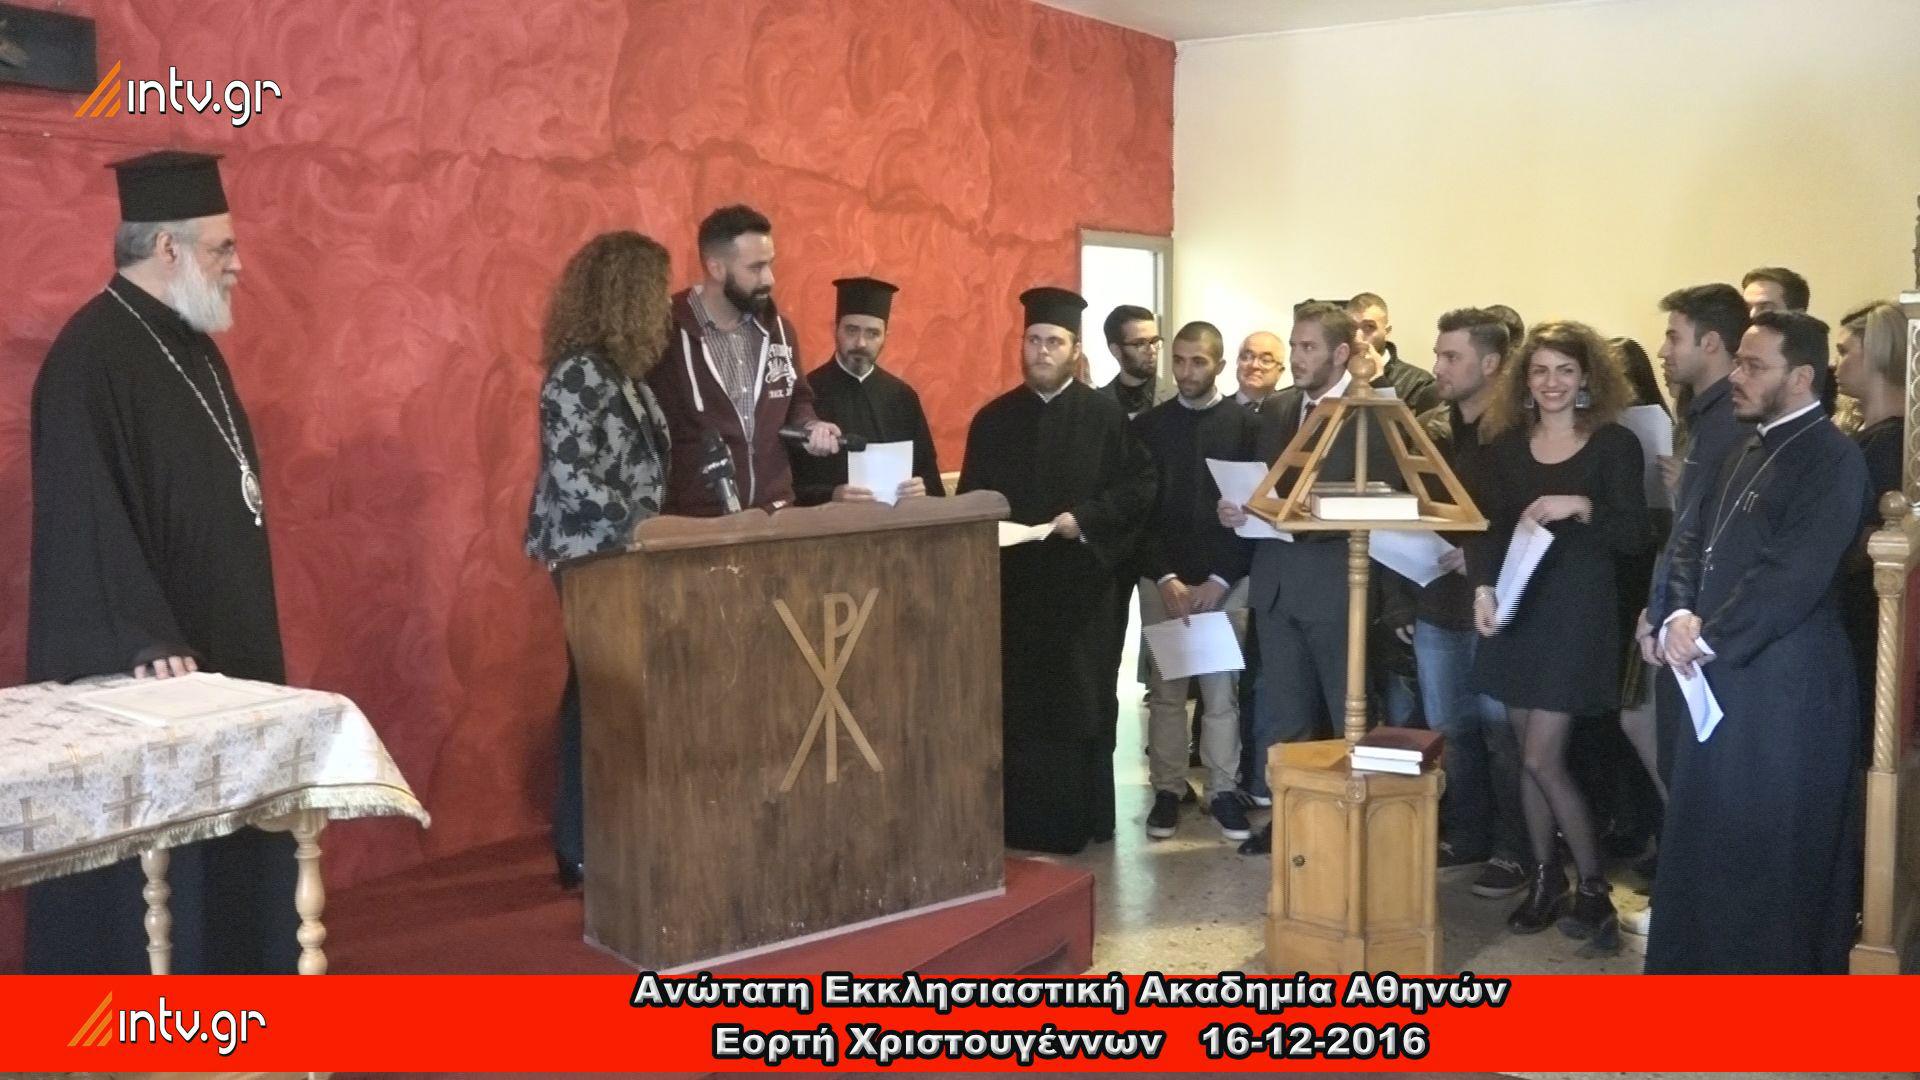 Ανώτατη Εκκλησιαστική Ακαδημία Αθηνών - Εορτή Χριστουγέννων